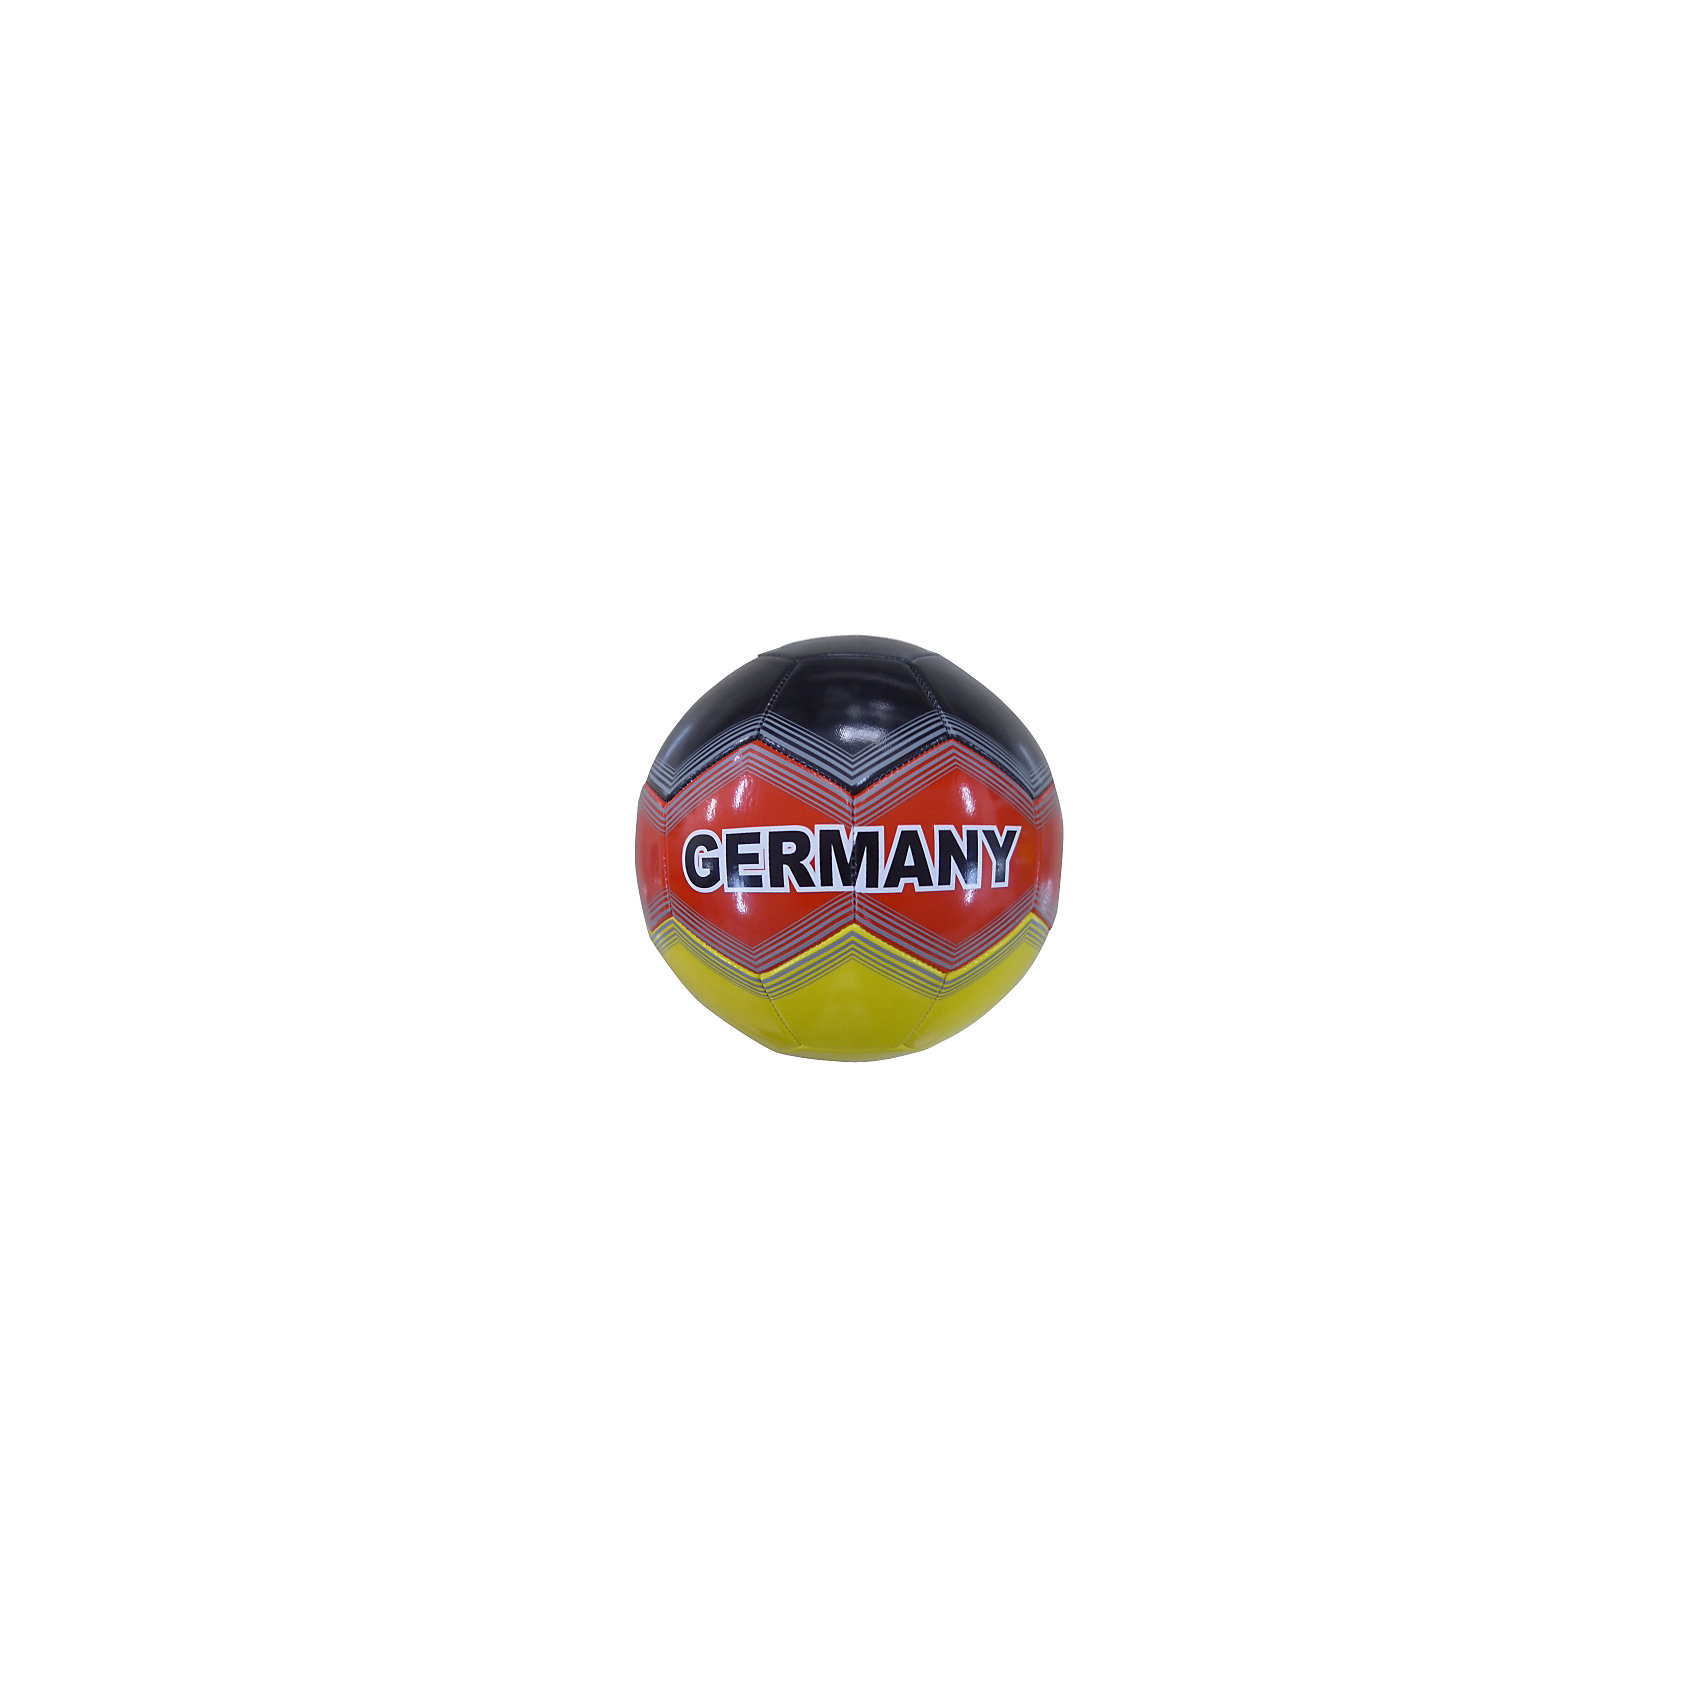 Футбольный мячСборная Германии, АтлетикМяч футбольный лакированный, ПВХ, 1 слой, 270 грамм, дизайн Сборная Германии.<br><br>Ширина мм: 230<br>Глубина мм: 230<br>Высота мм: 230<br>Вес г: 280<br>Возраст от месяцев: 36<br>Возраст до месяцев: 96<br>Пол: Мужской<br>Возраст: Детский<br>SKU: 5528144